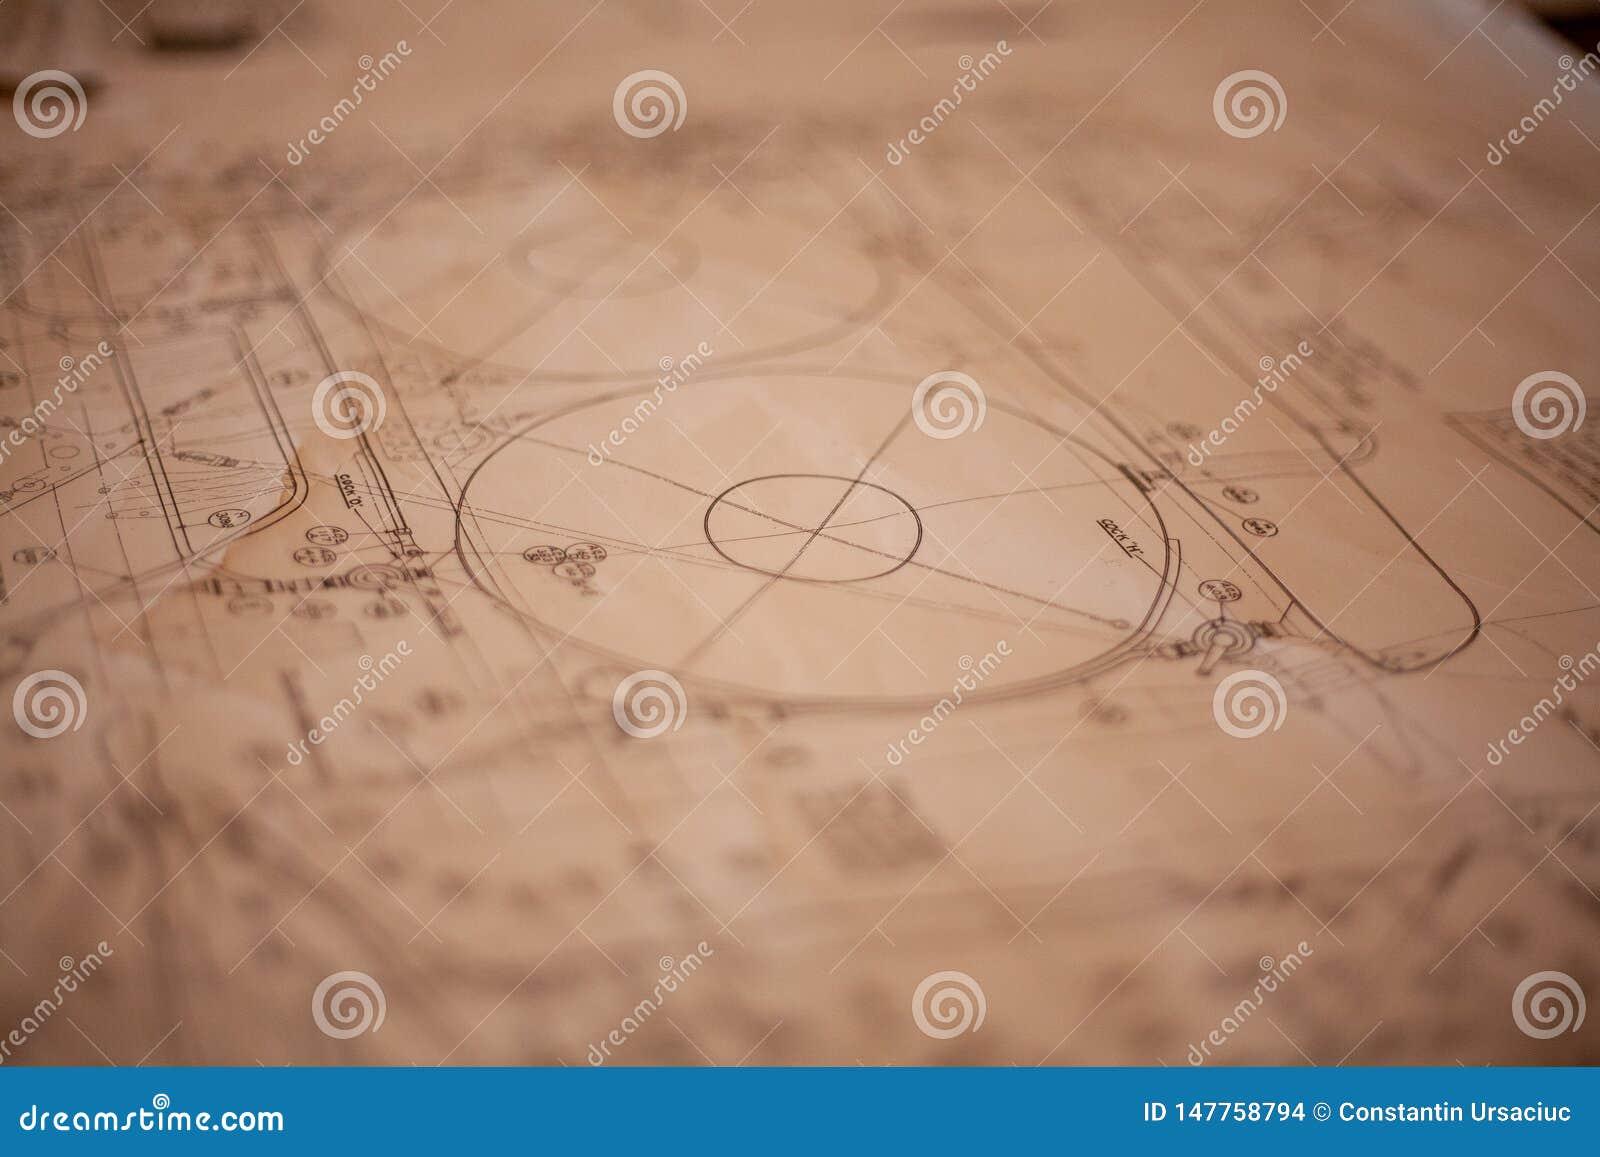 Ein Papierplan